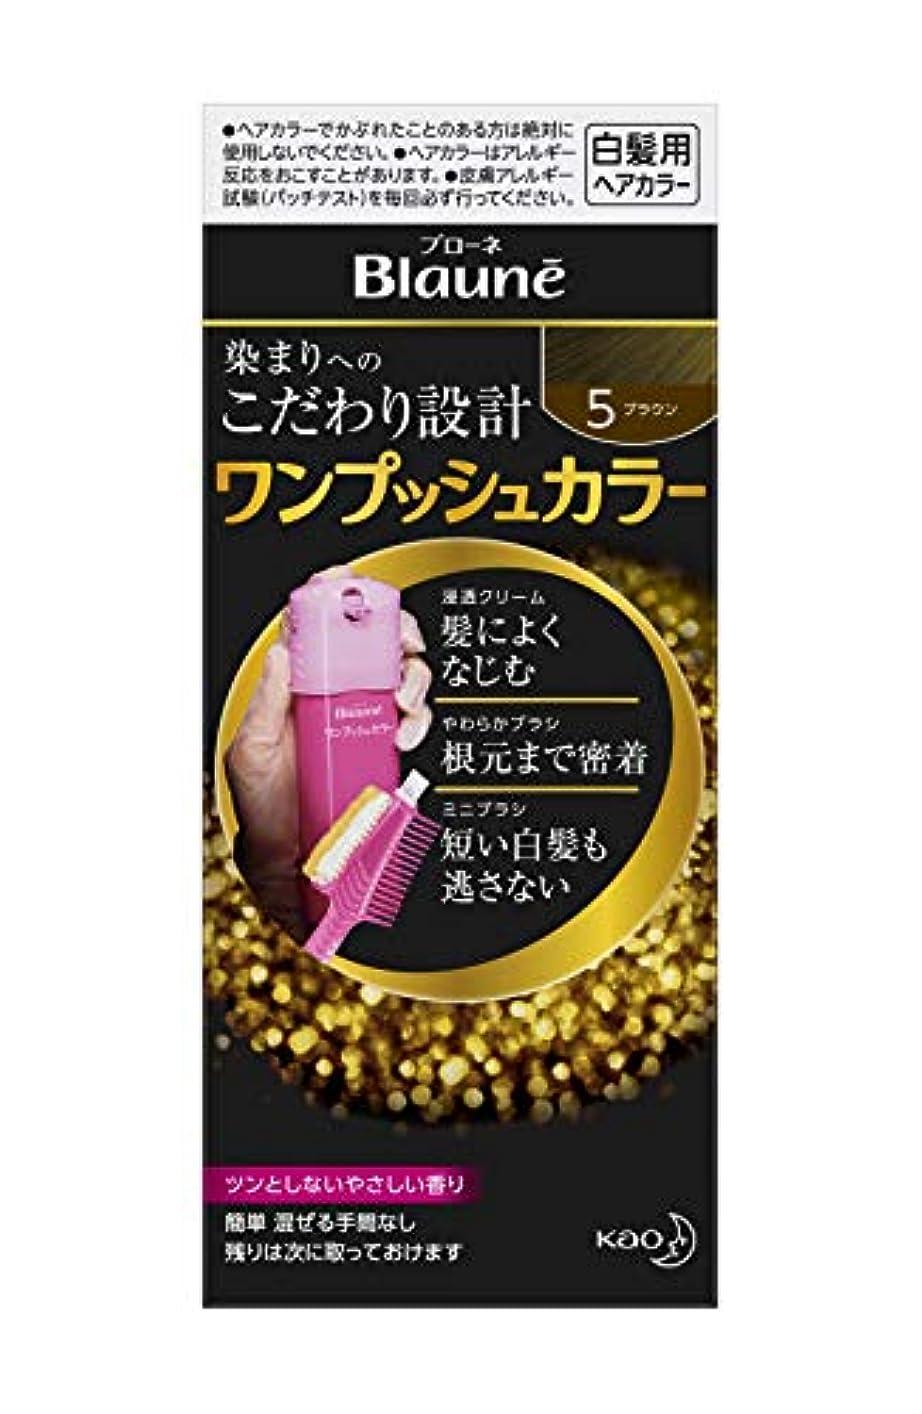 ブローネワンプッシュカラー 5 ブラウン 80g [医薬部外品]